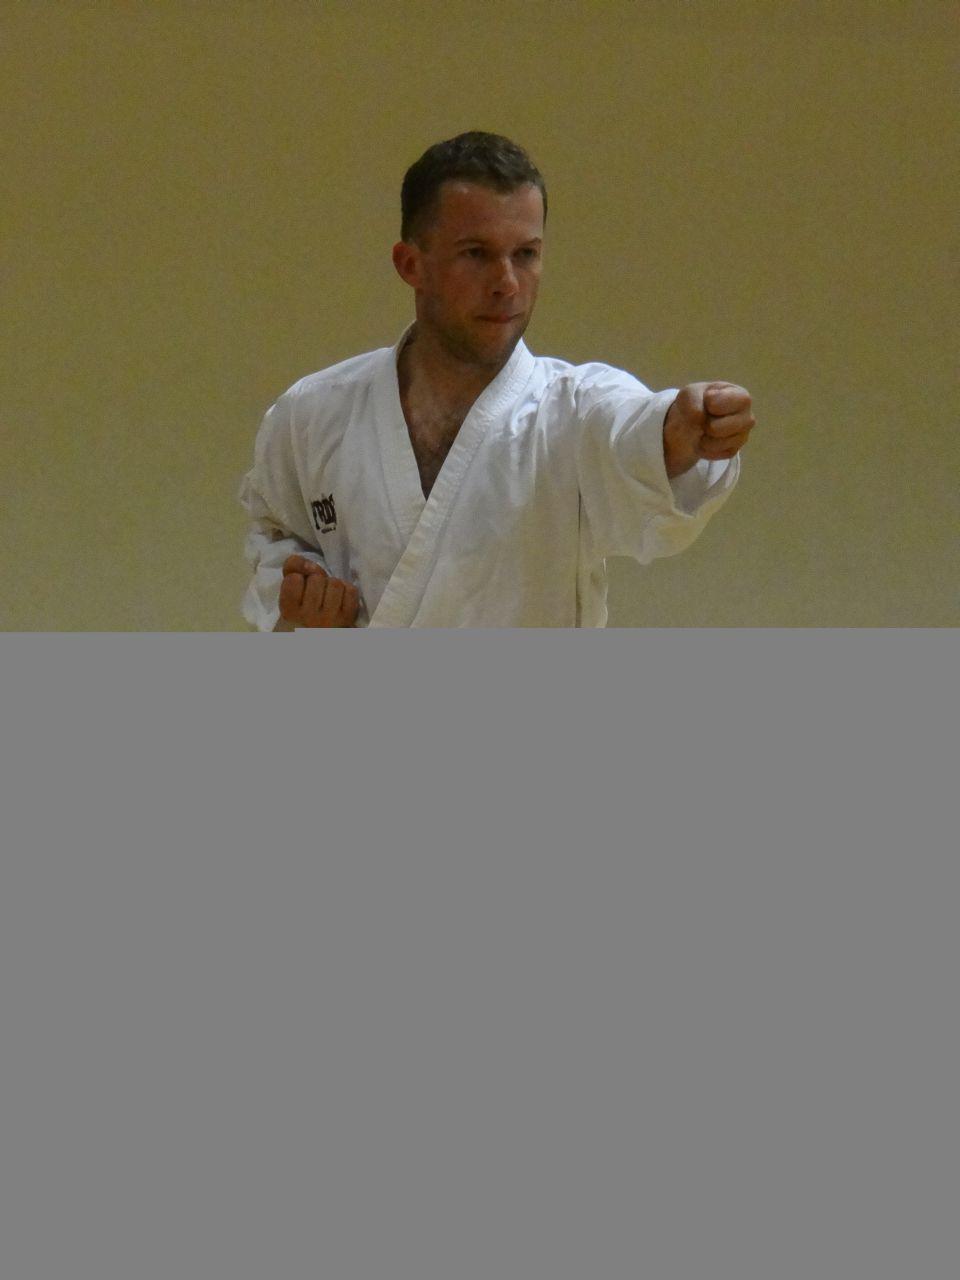 karate_mario_ban_turnir_Ivanec